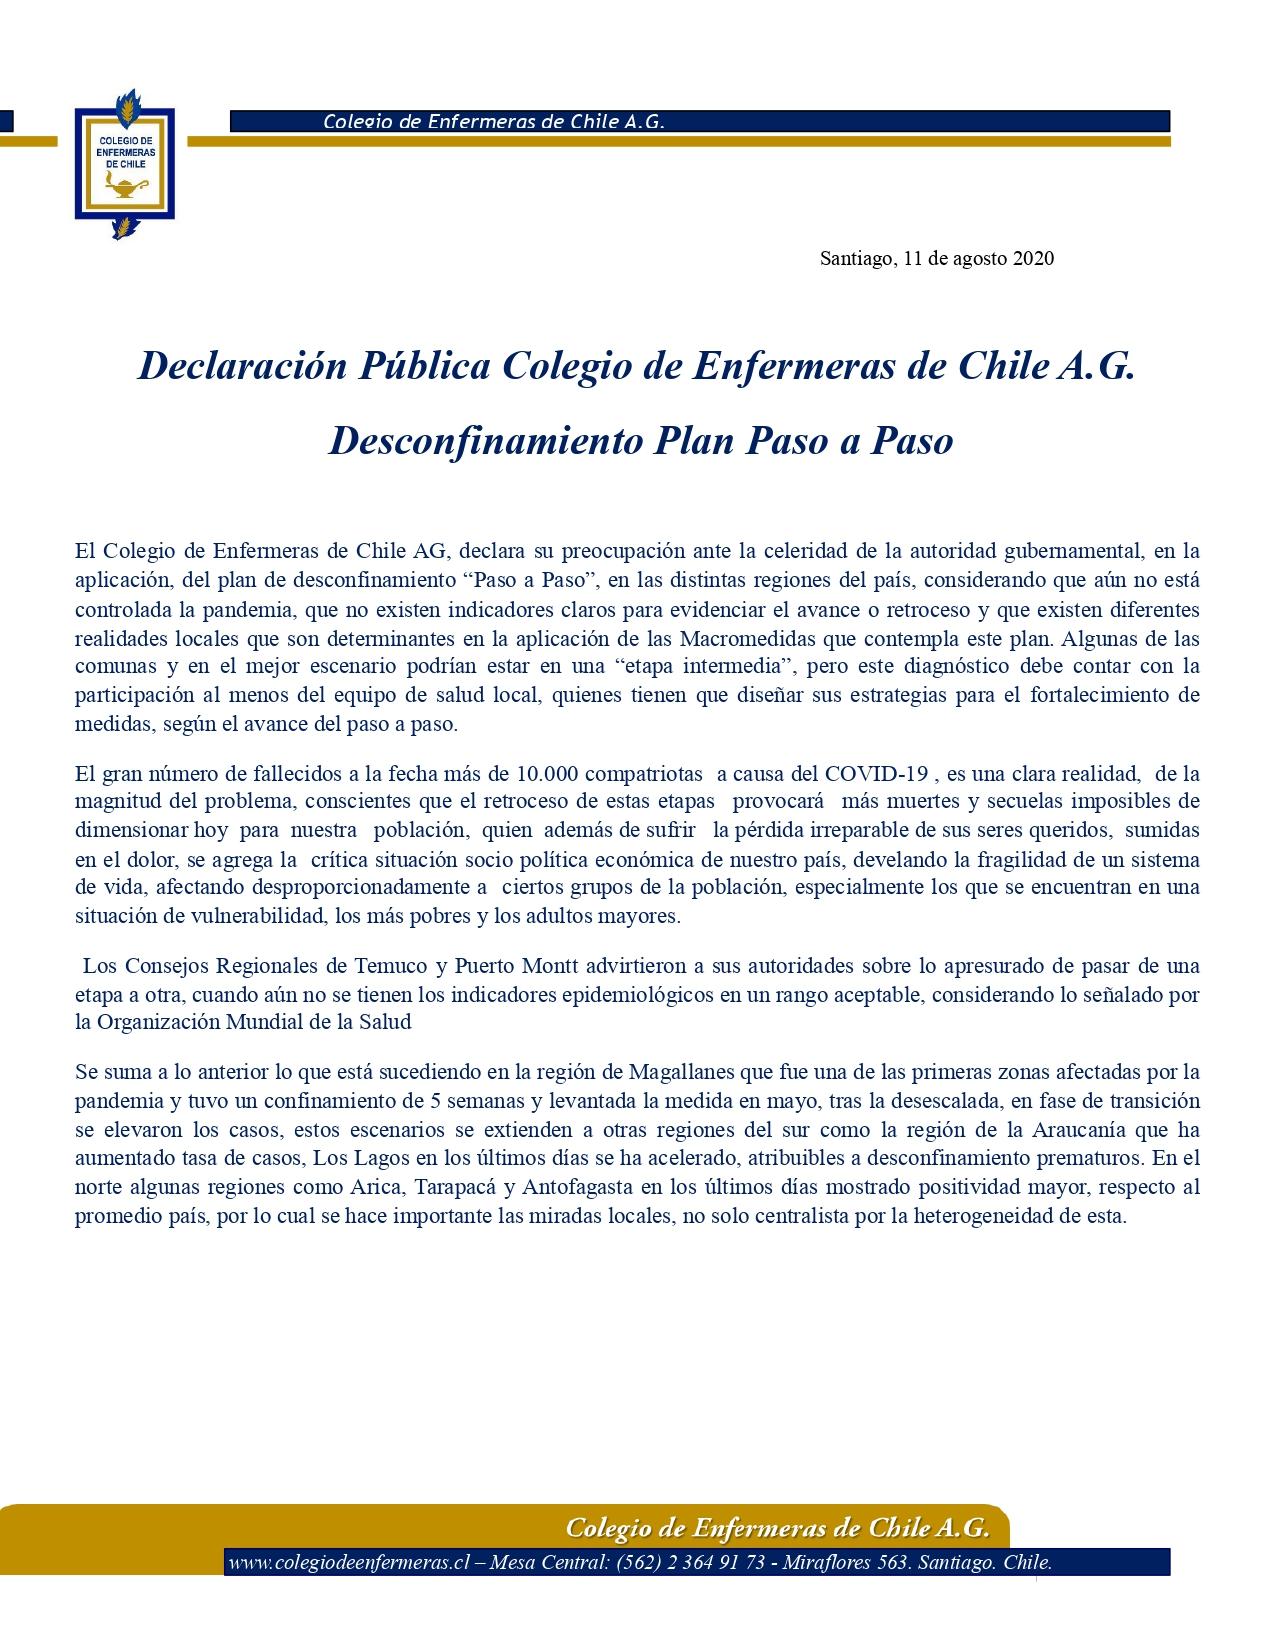 Declaracion Colegio de Enfermeras  plan desconfinamiento paso a paso..pdf _page-0001.jpg